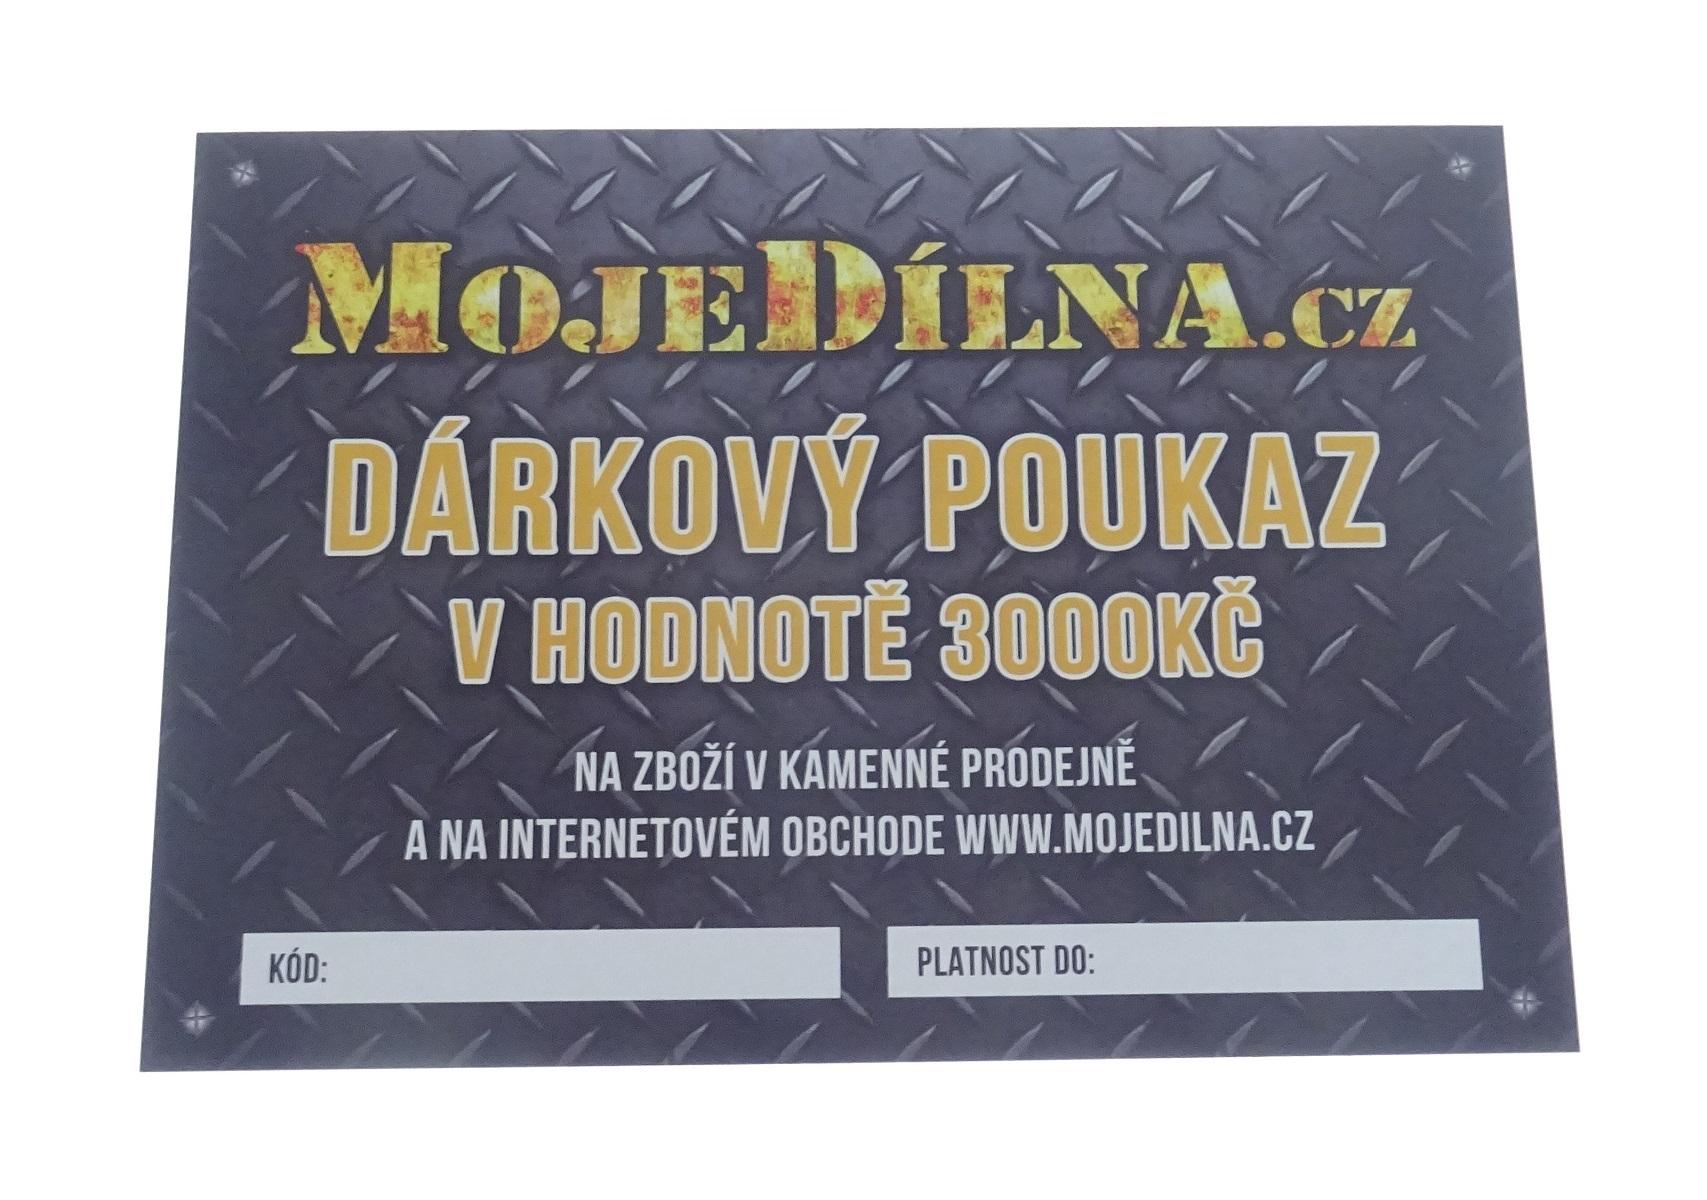 Dárkový poukaz MojeDílna.cz v hodnotě 3000 Kč - tištěný